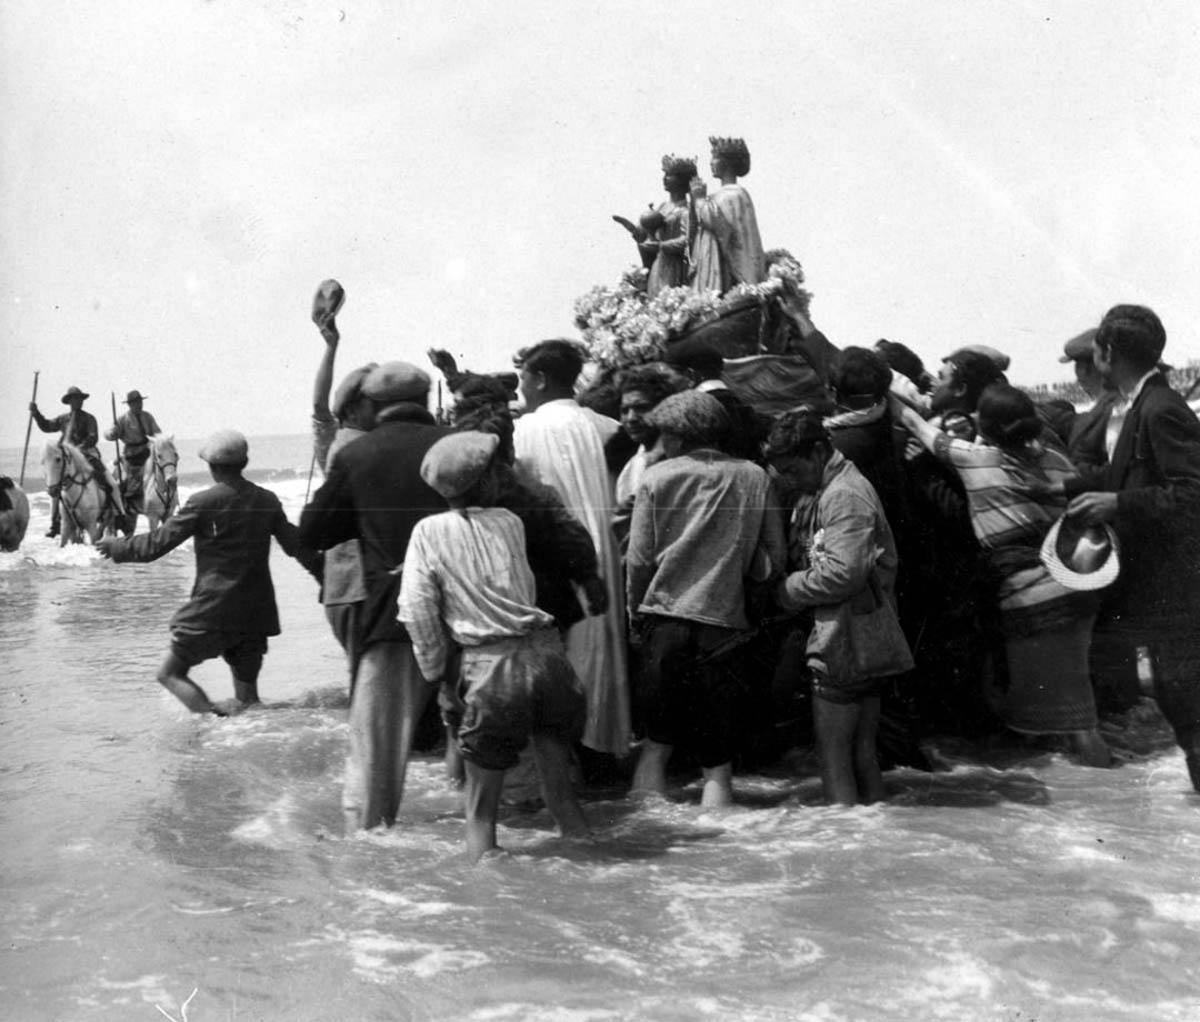 A vida dos ciganos na Europa antes da Segunda Guerra Mundial 26